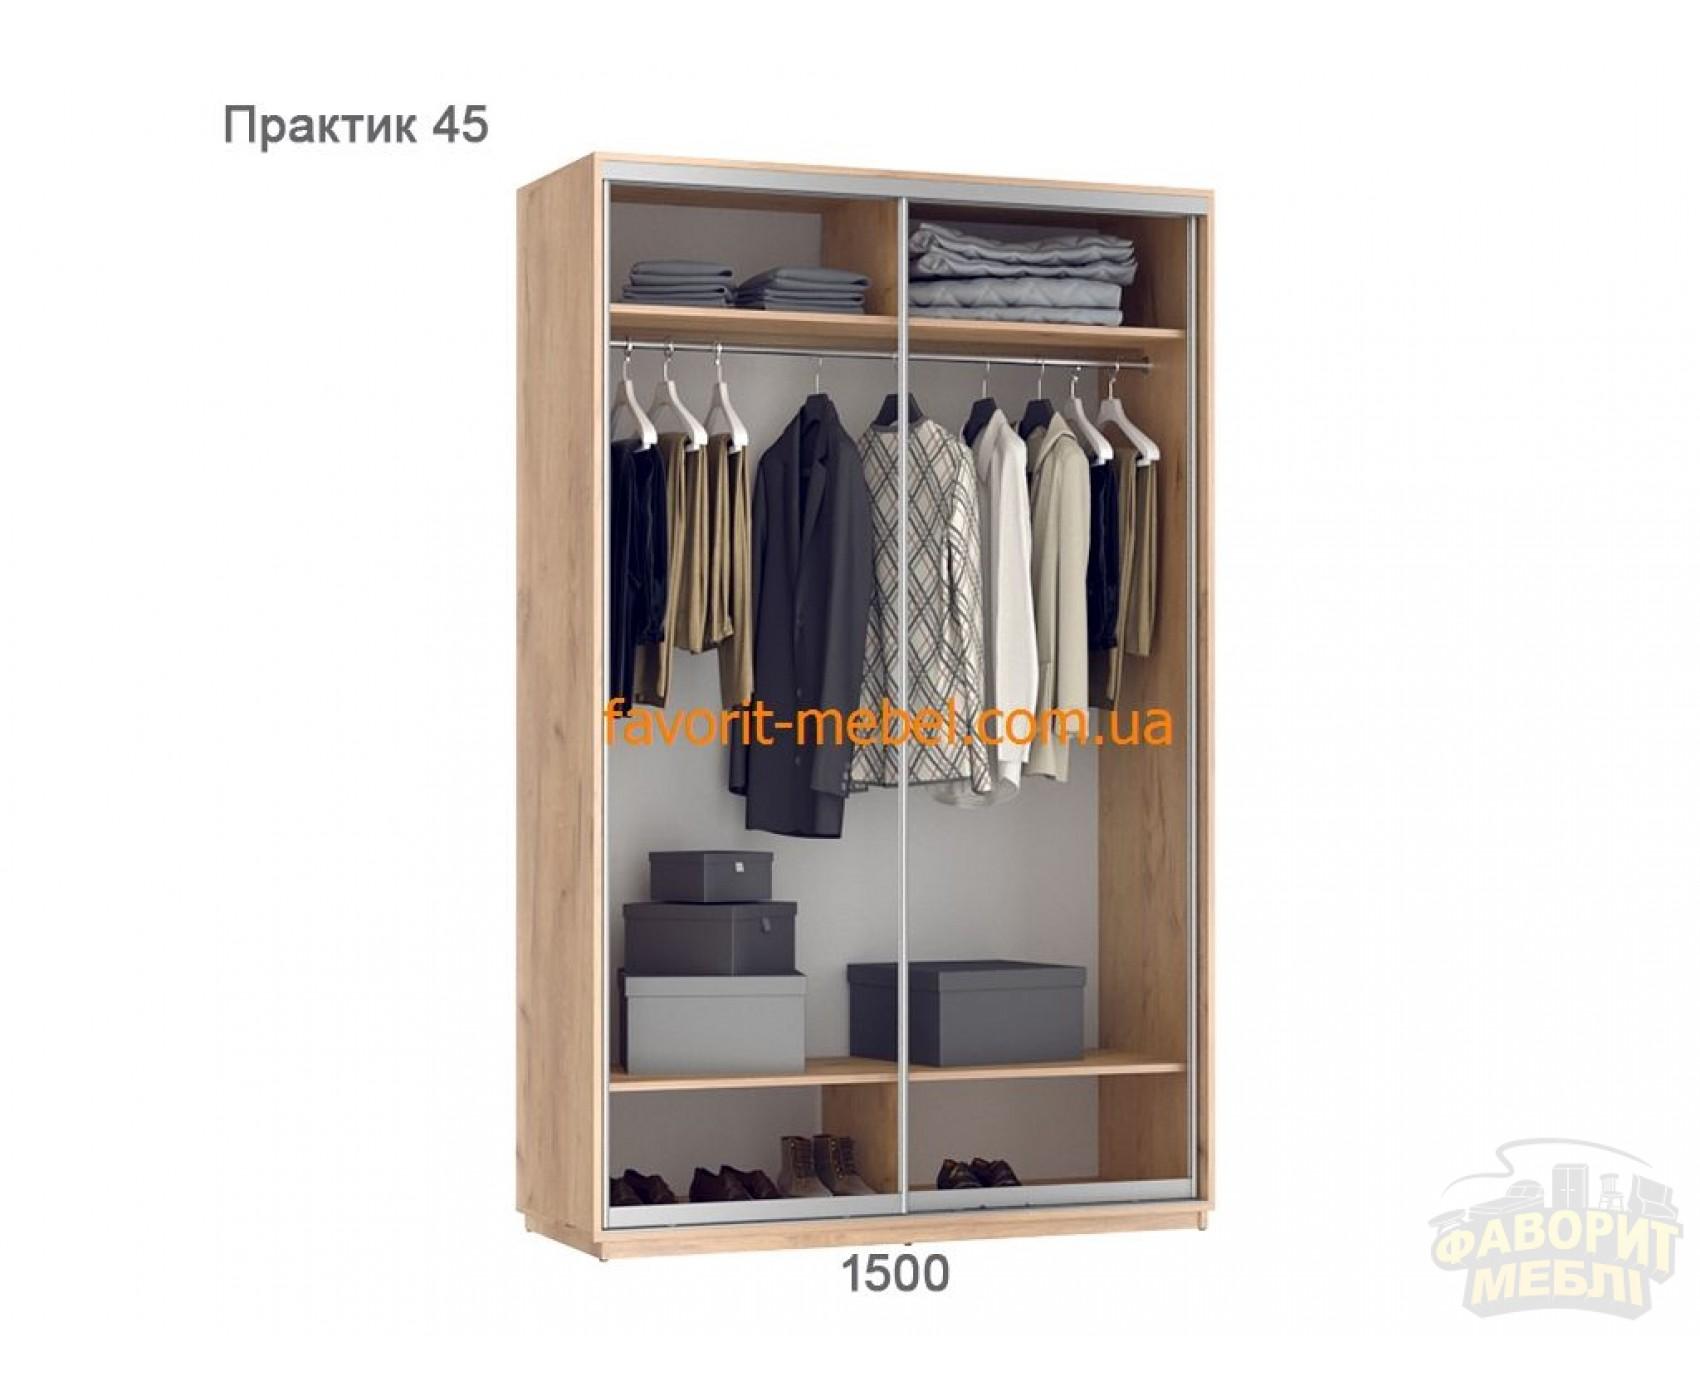 Шкаф купе Практик 45 (150х60х240 см)